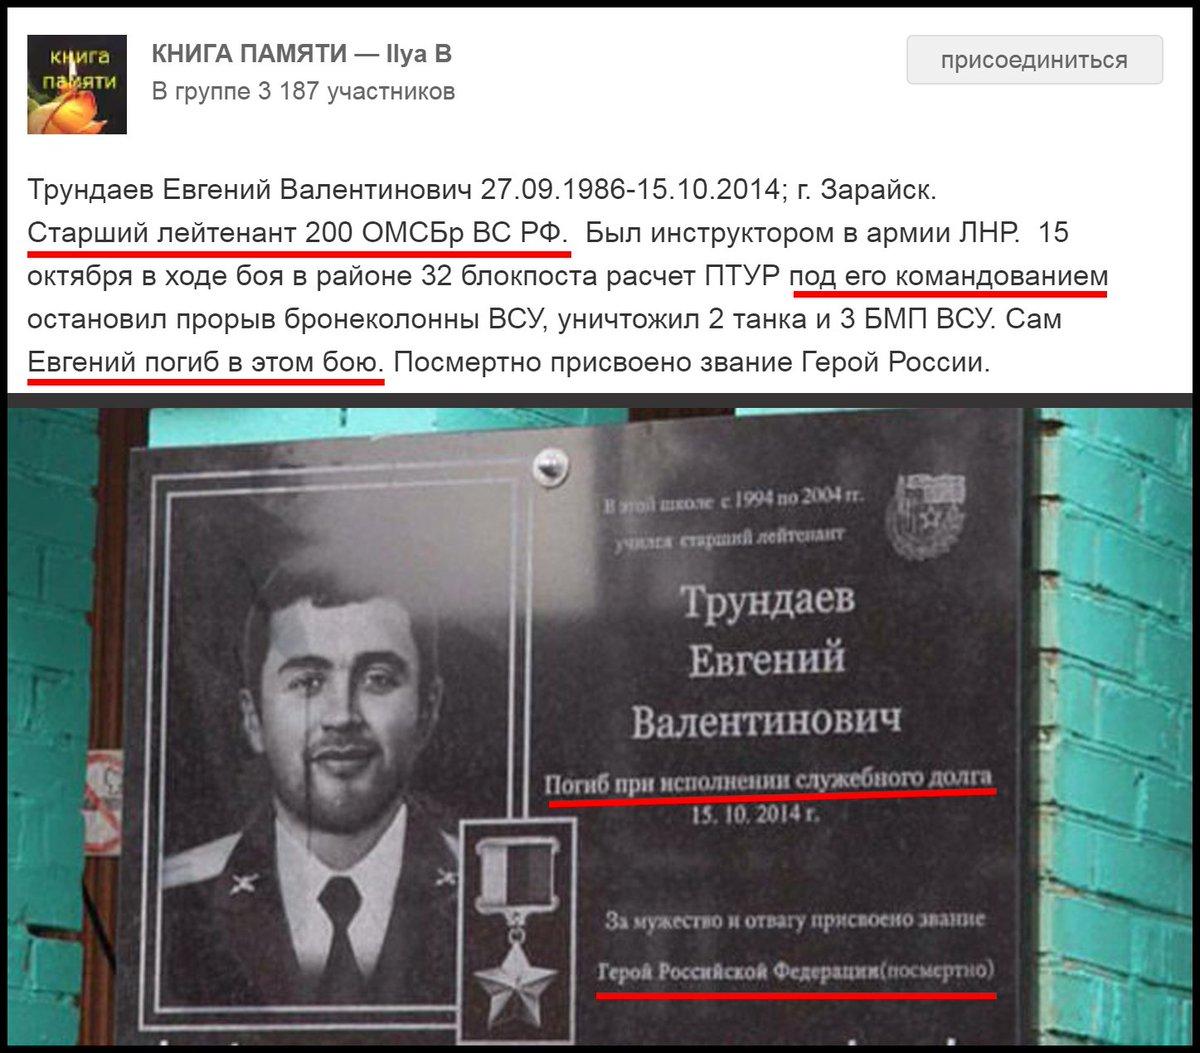 В Литве заинтересованы в размещении американских ЗРК Patriot, - начальник штаба ВС Вайкшнорас - Цензор.НЕТ 4498